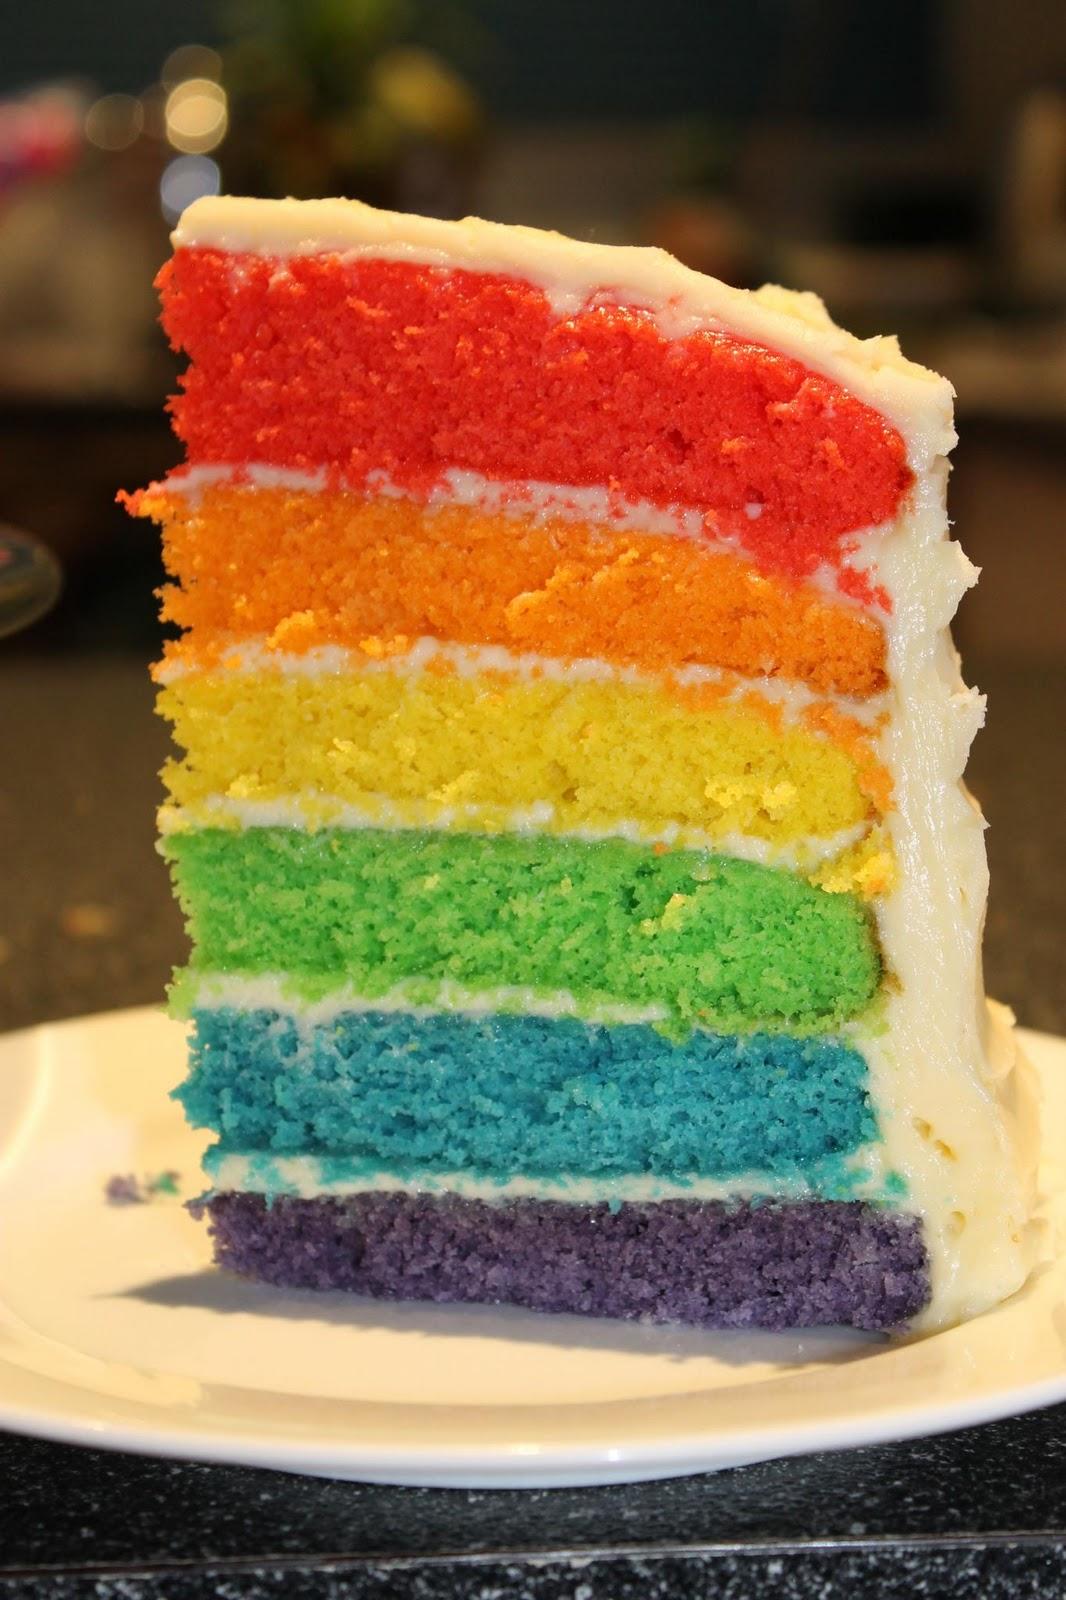 госреестр картинки радужная начинка для торта такому выводу приводят